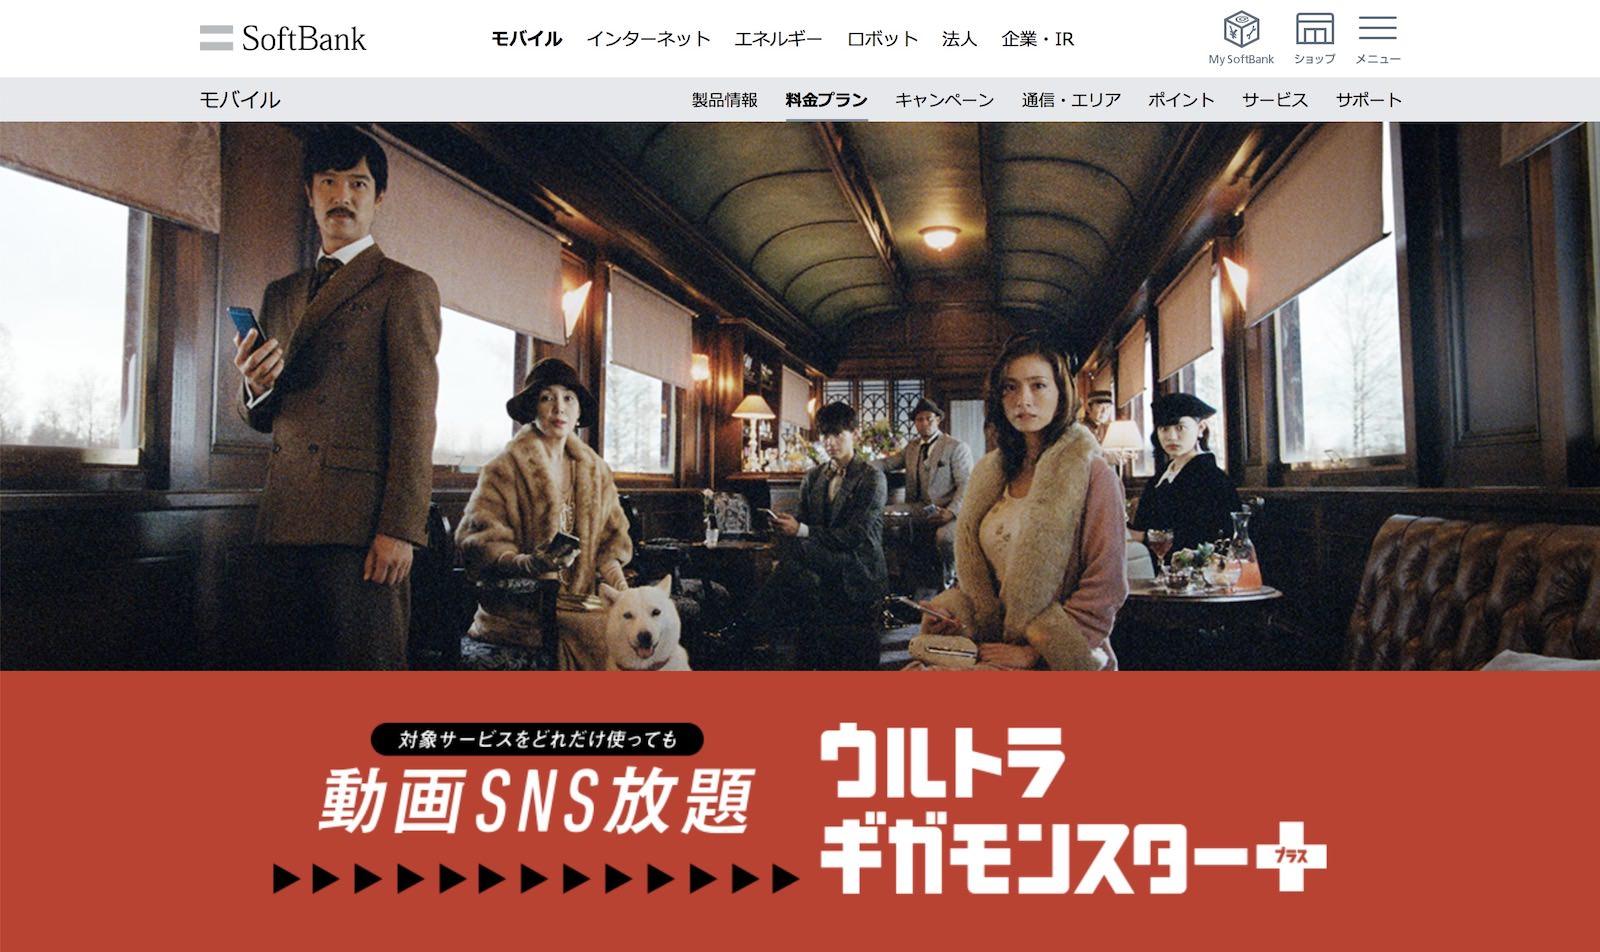 Softbank ultra giga monster